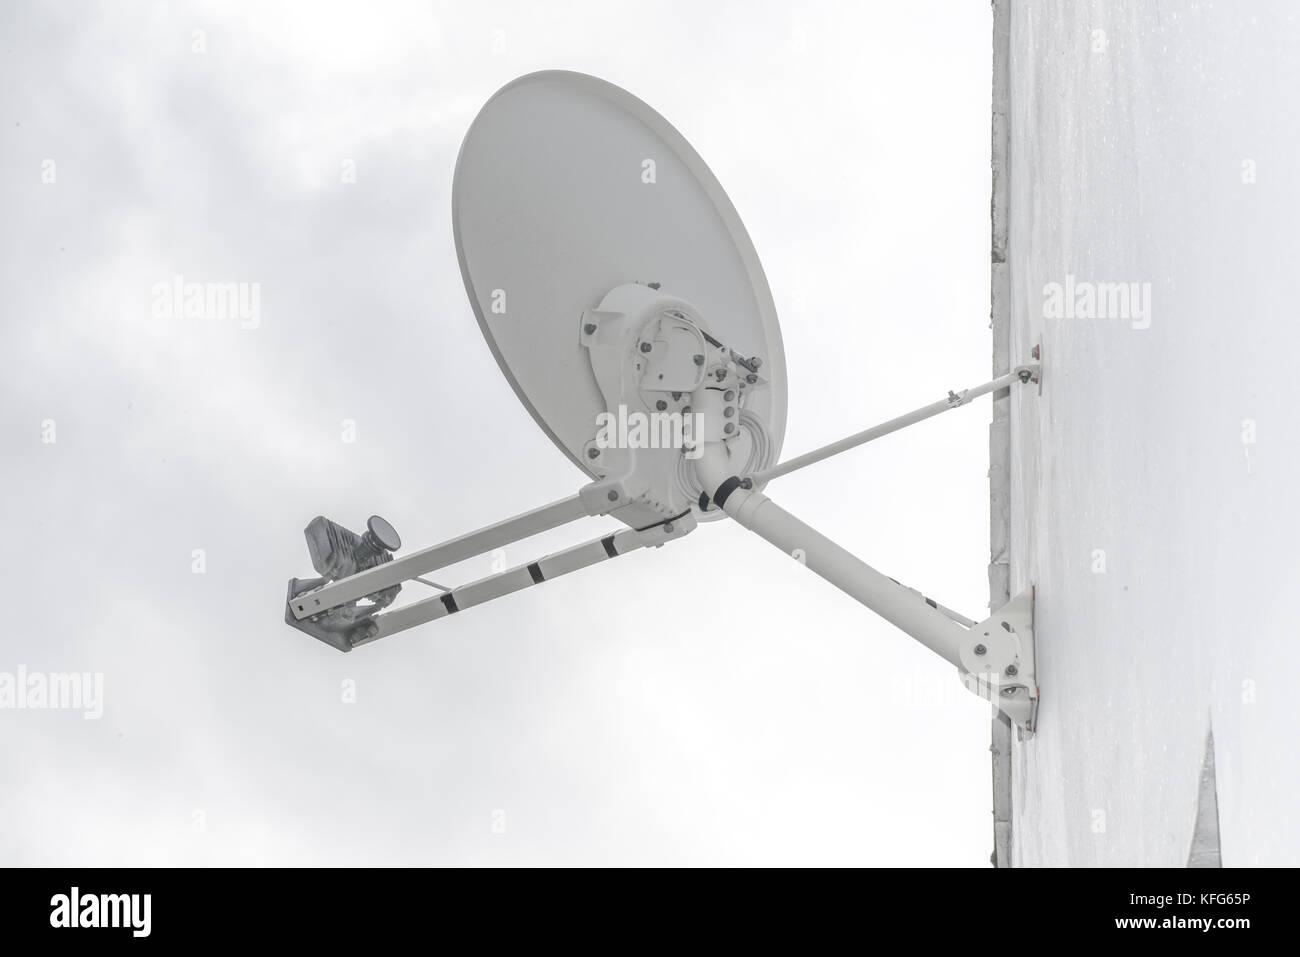 Rural Internet Antenna Stock Photos & Rural Internet Antenna Stock